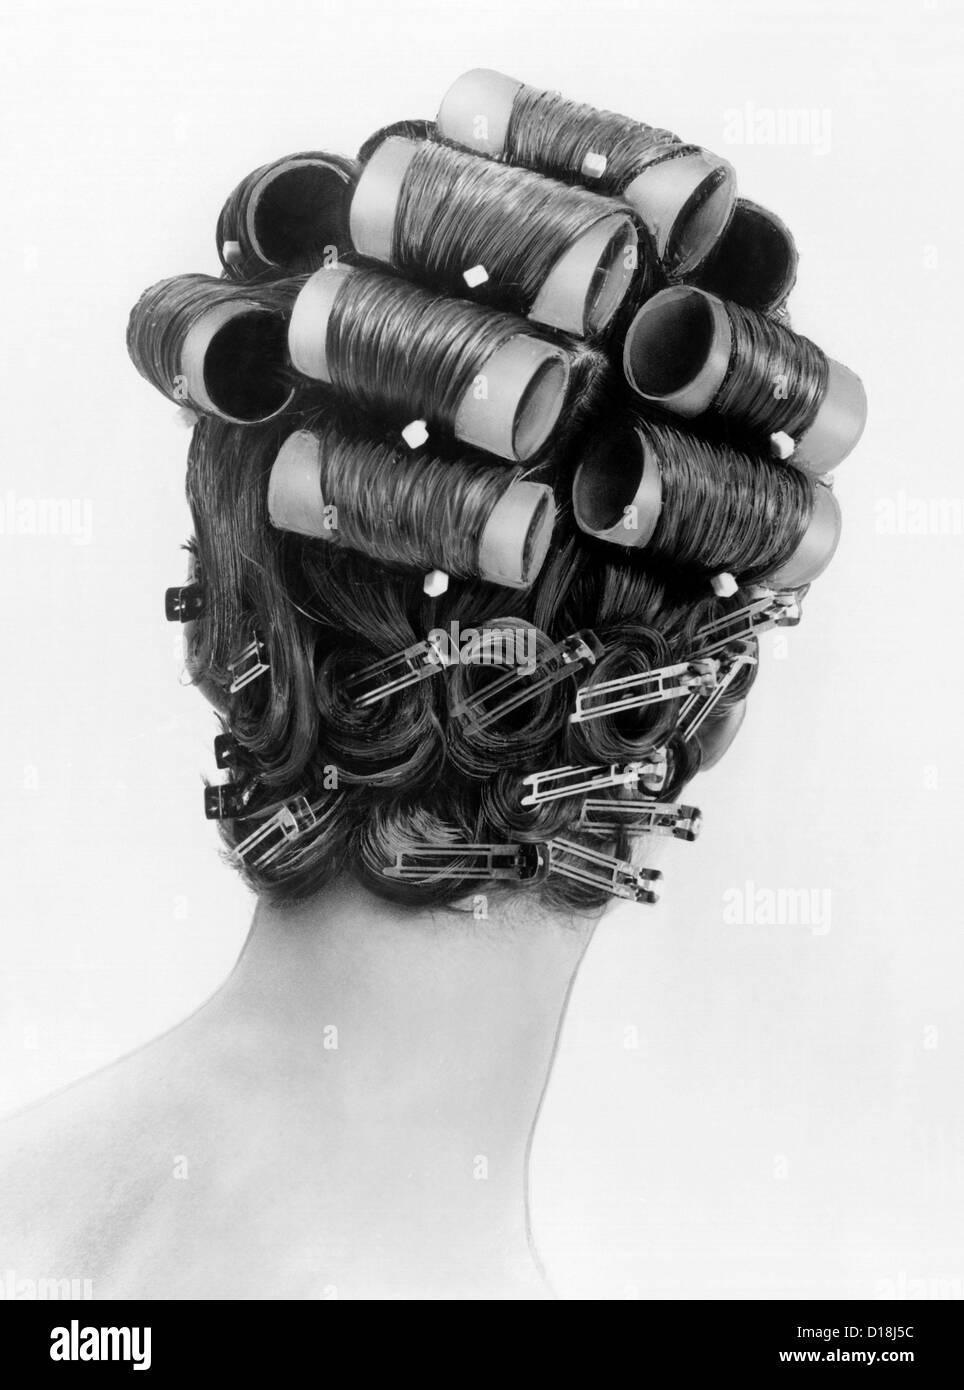 Anni sessanta pettinature stili di capelli sono state create con grandi rulli sulla parte superiore della testa Immagini Stock